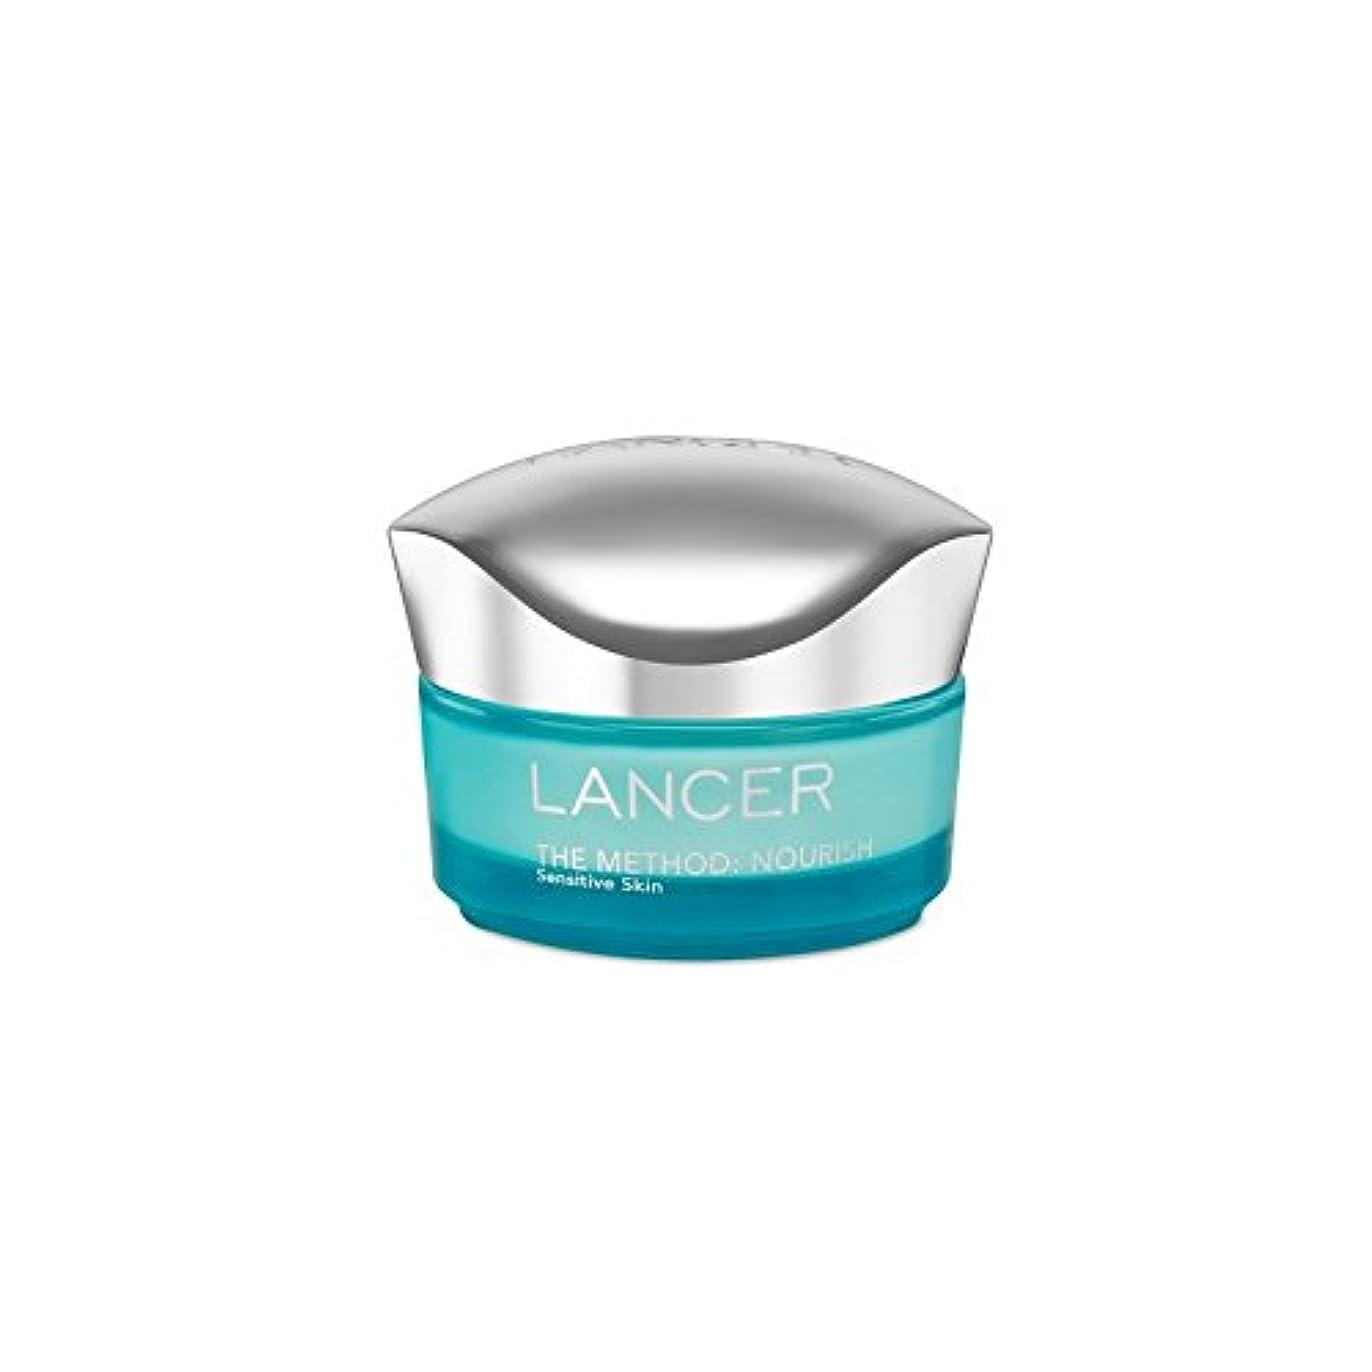 ペイント肌分散ランサーは、この方法をスキンケア:保湿敏感肌(50)に栄養を与えます x4 - Lancer Skincare The Method: Nourish Moisturiser Sensitive Skin (50ml) (Pack of 4) [並行輸入品]